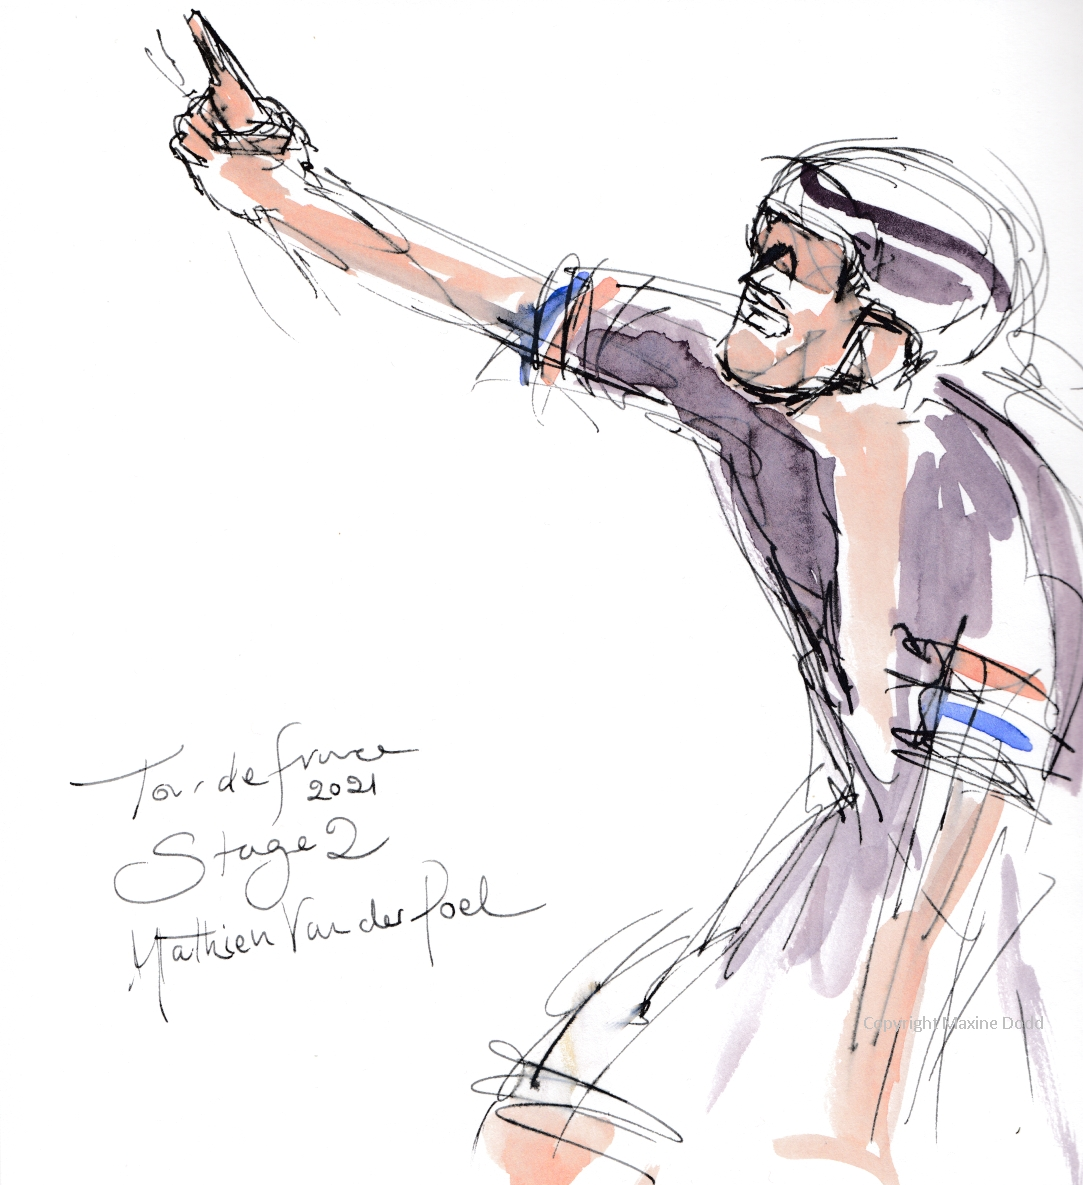 Tour de France 2021 - Stage 2, Mathieu van der Poel, original watercolour painting Maxine Dodd